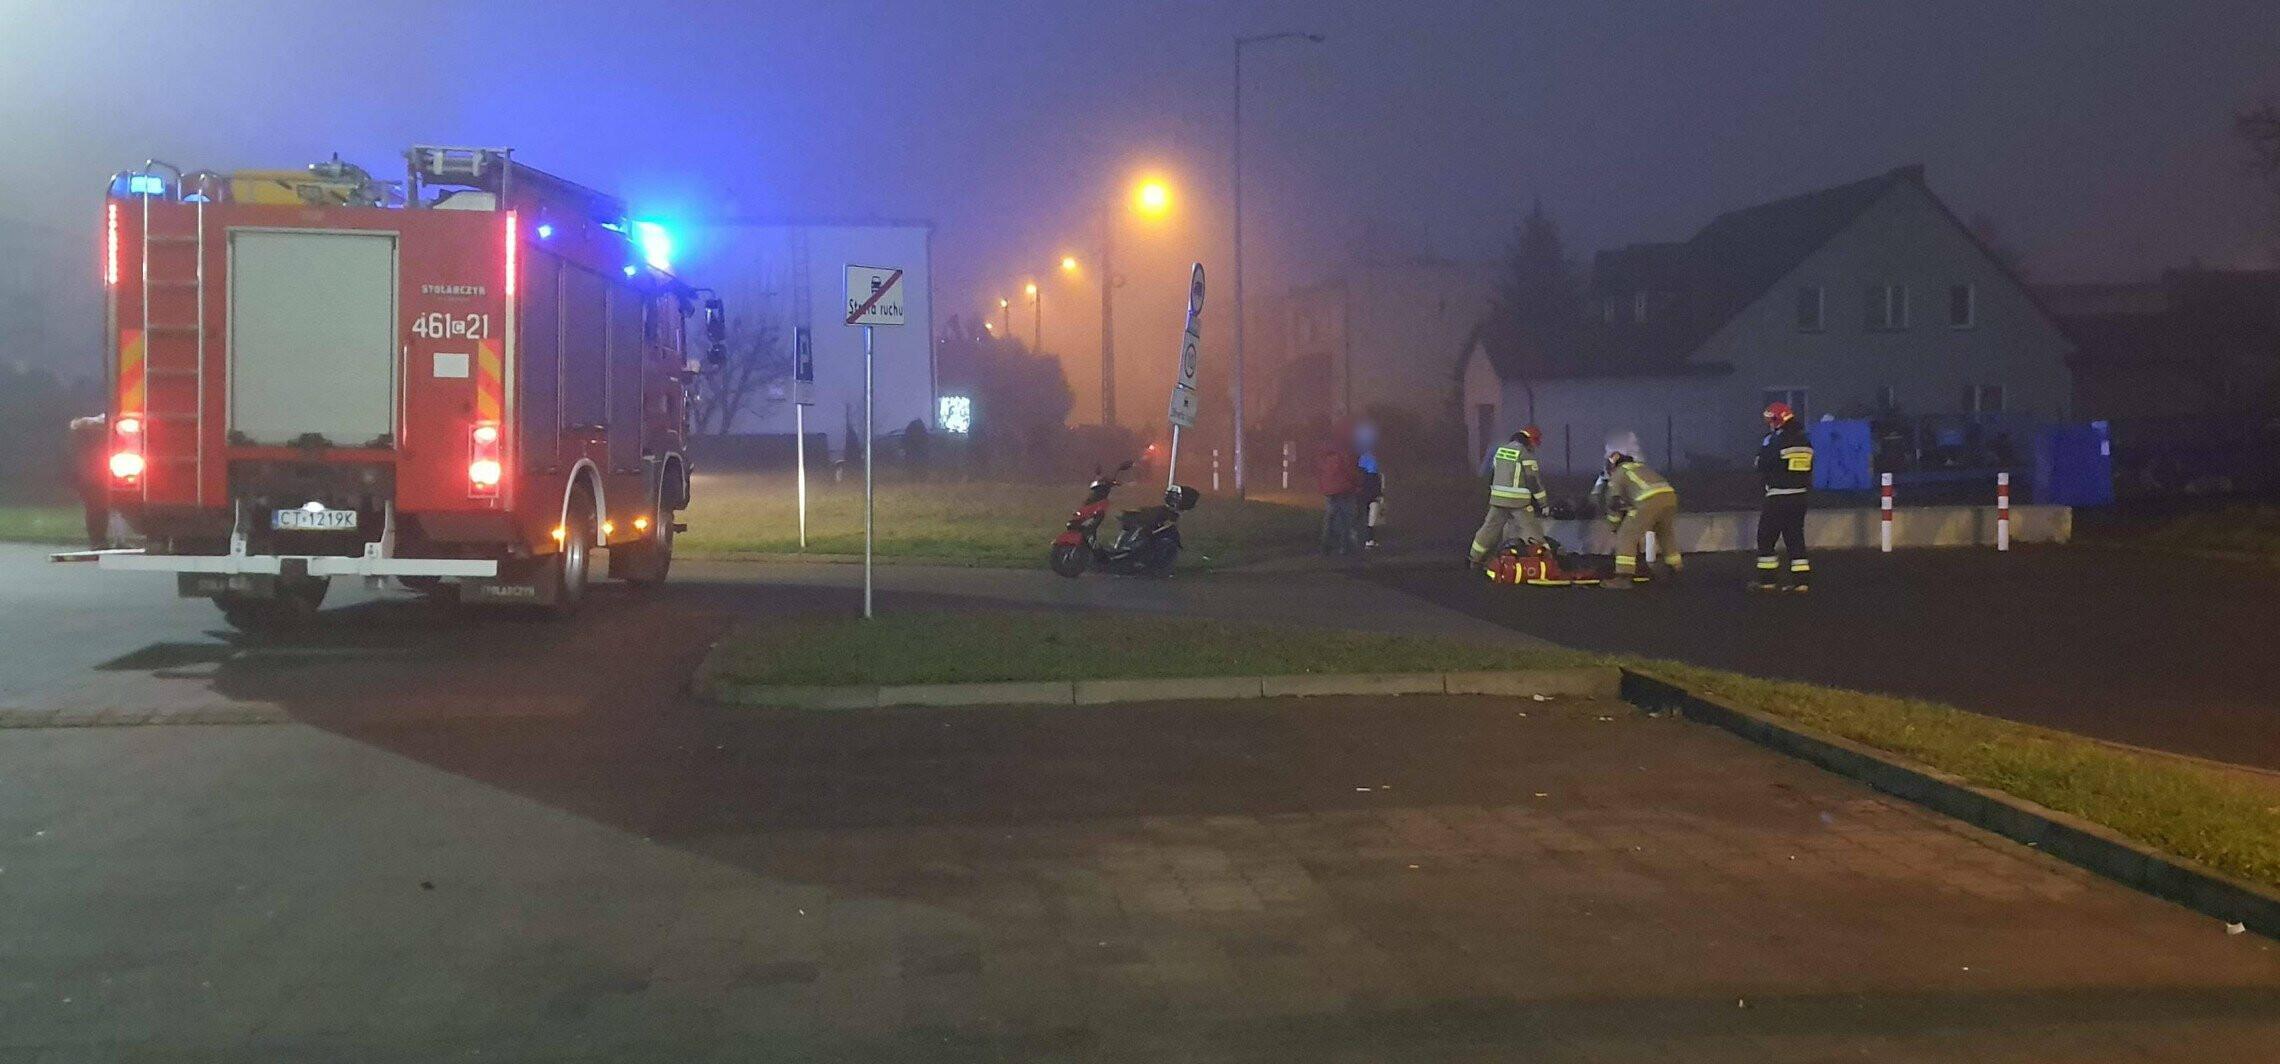 Inowrocław - Gdy brakuje karetek, na ratunek jadą strażacy